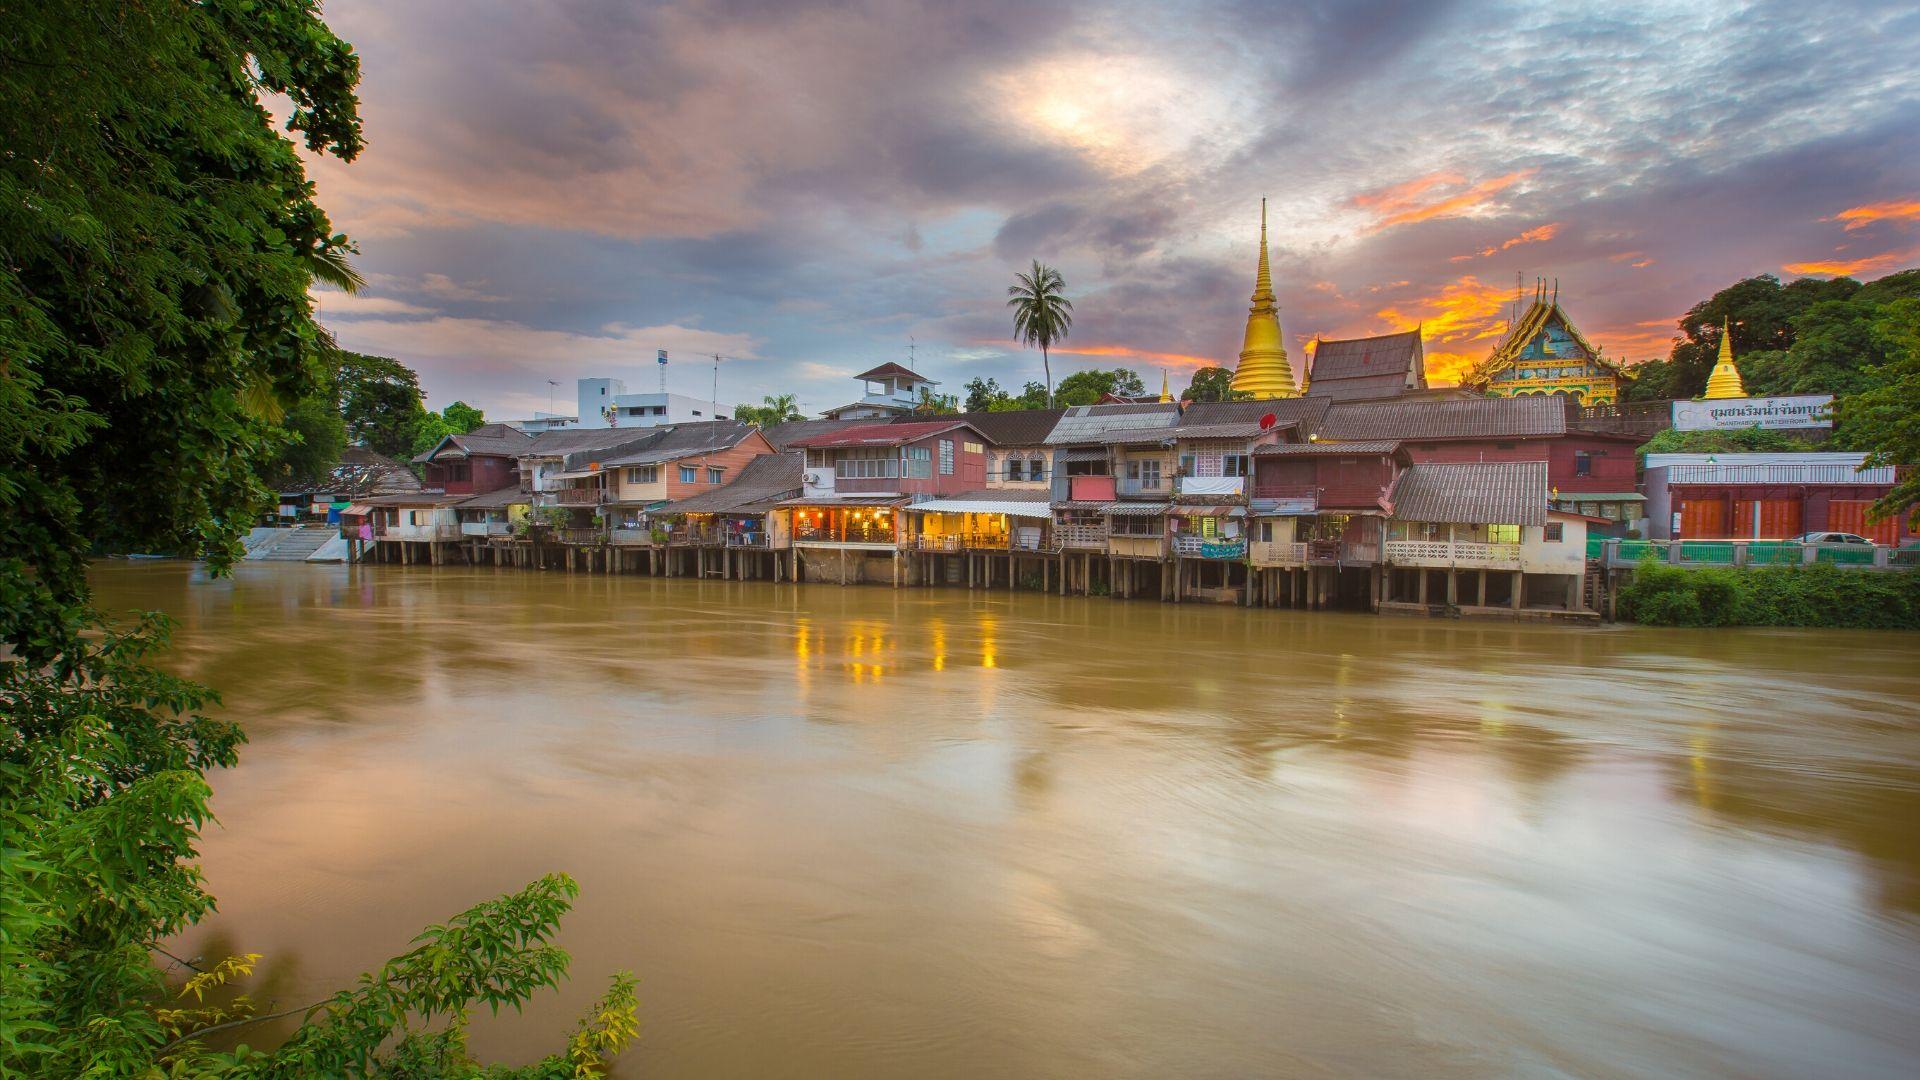 แพ็คเกจจันทบุรี (Chanthaburi) 3วัน 2คืน เดินทางโดยรถตู้ VIP ราคาเพียง 5,999 บาท